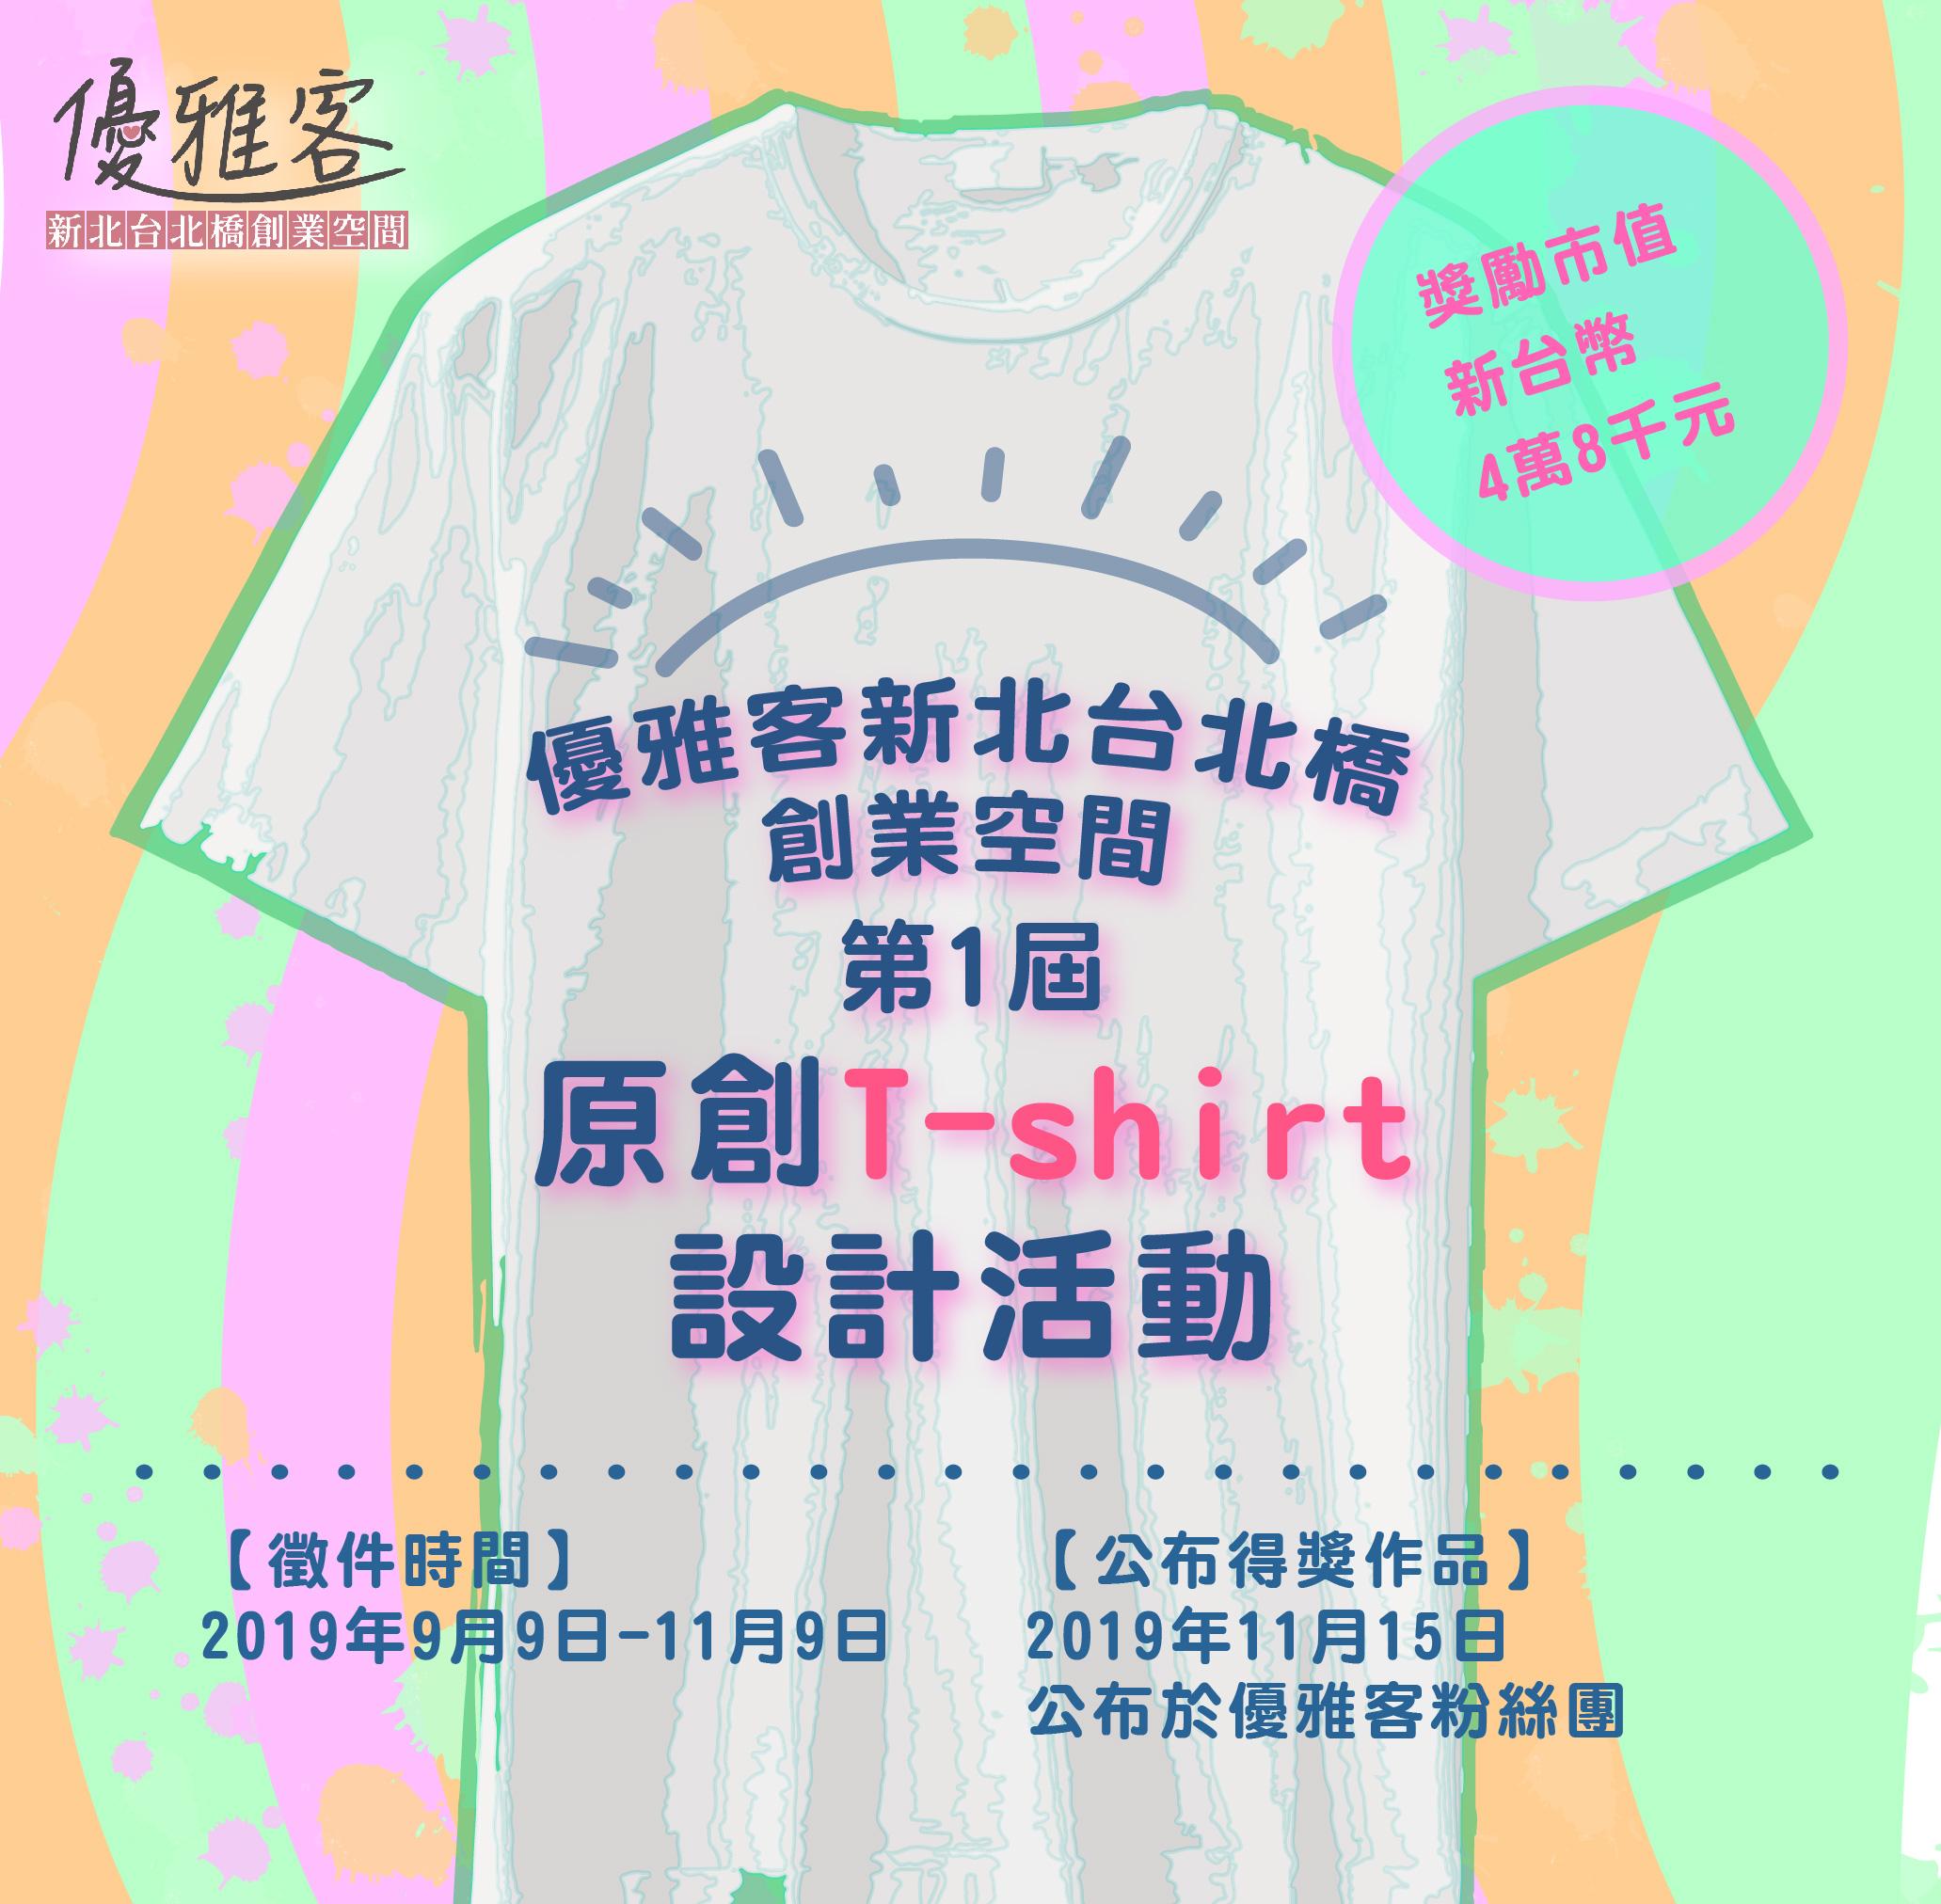 優雅客新北台北橋創業空間。2019第一屆「原創 T-Shirt」設計活動 EDM